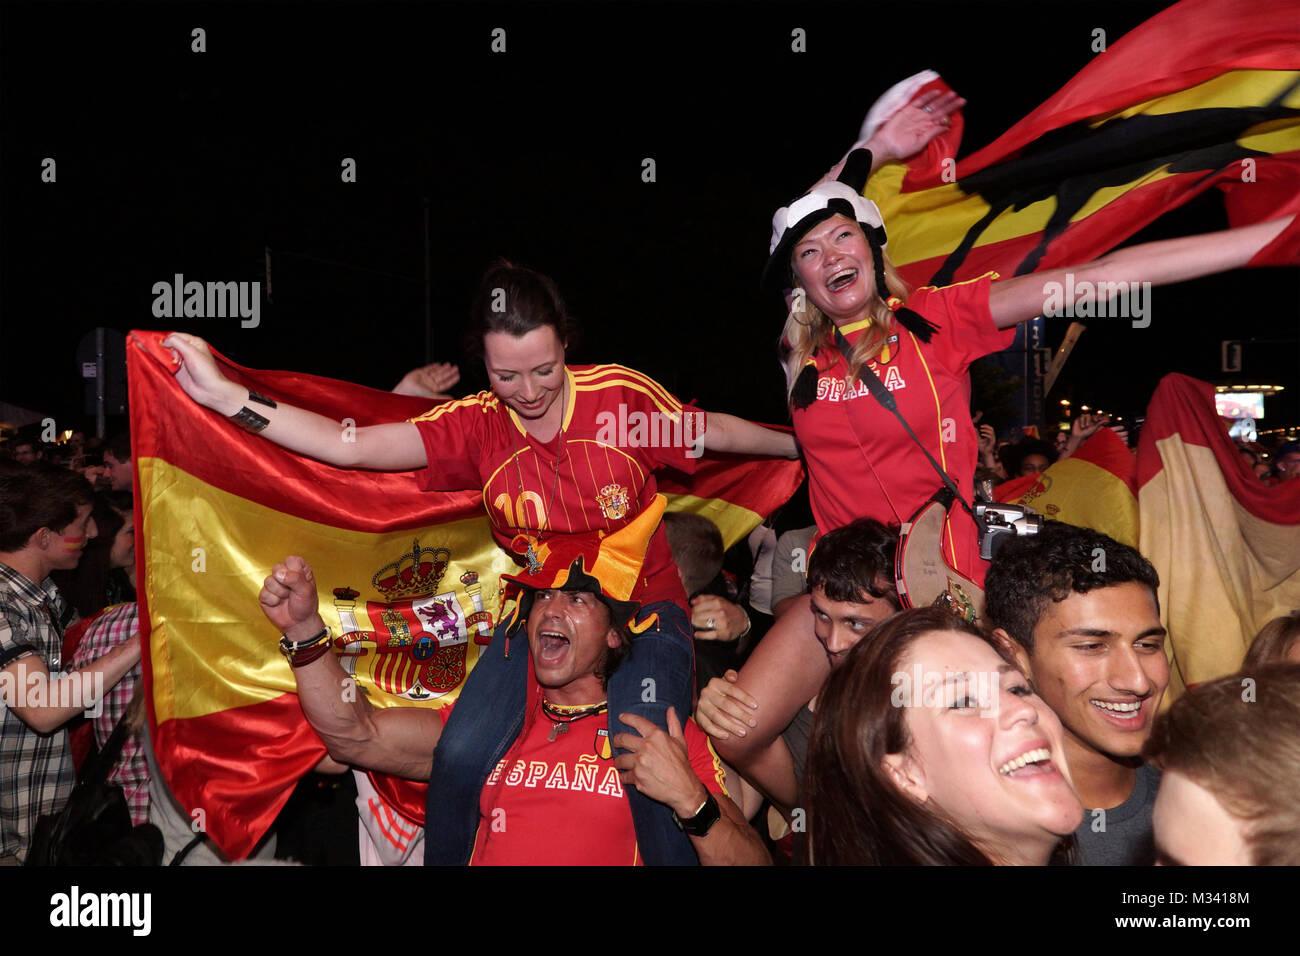 Laut jubelnde Fußballfans beim Sieg von Spanien gegen Italien an der Fanmeile zur Europameisterschaft 2012 am Brandenburger Tor in Berlin. Stock Photo